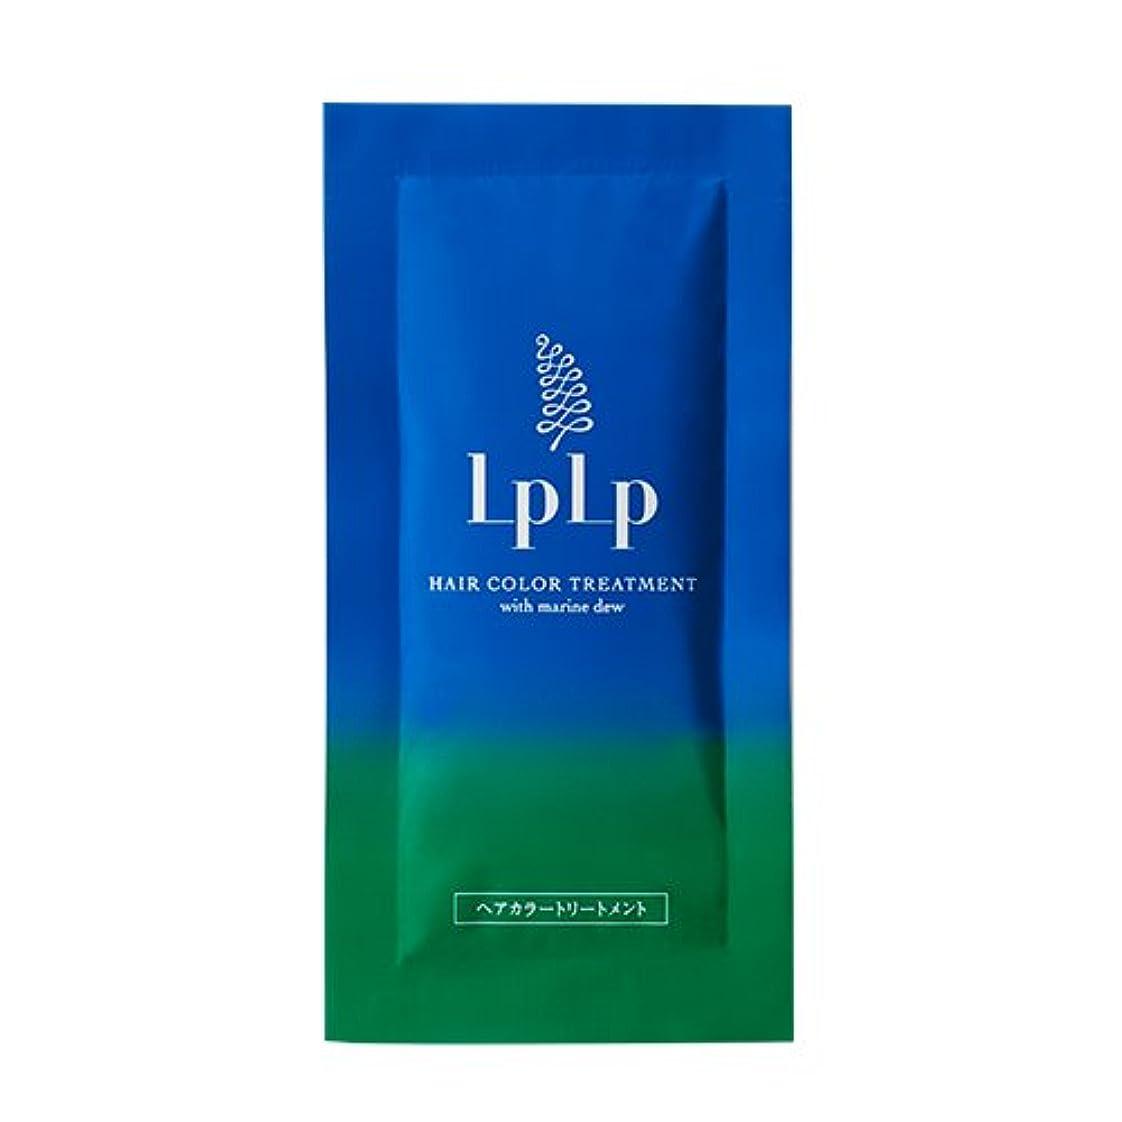 用量ベーコン自殺LPLP(ルプルプ)ヘアカラートリートメントお試しパウチ ブラウン